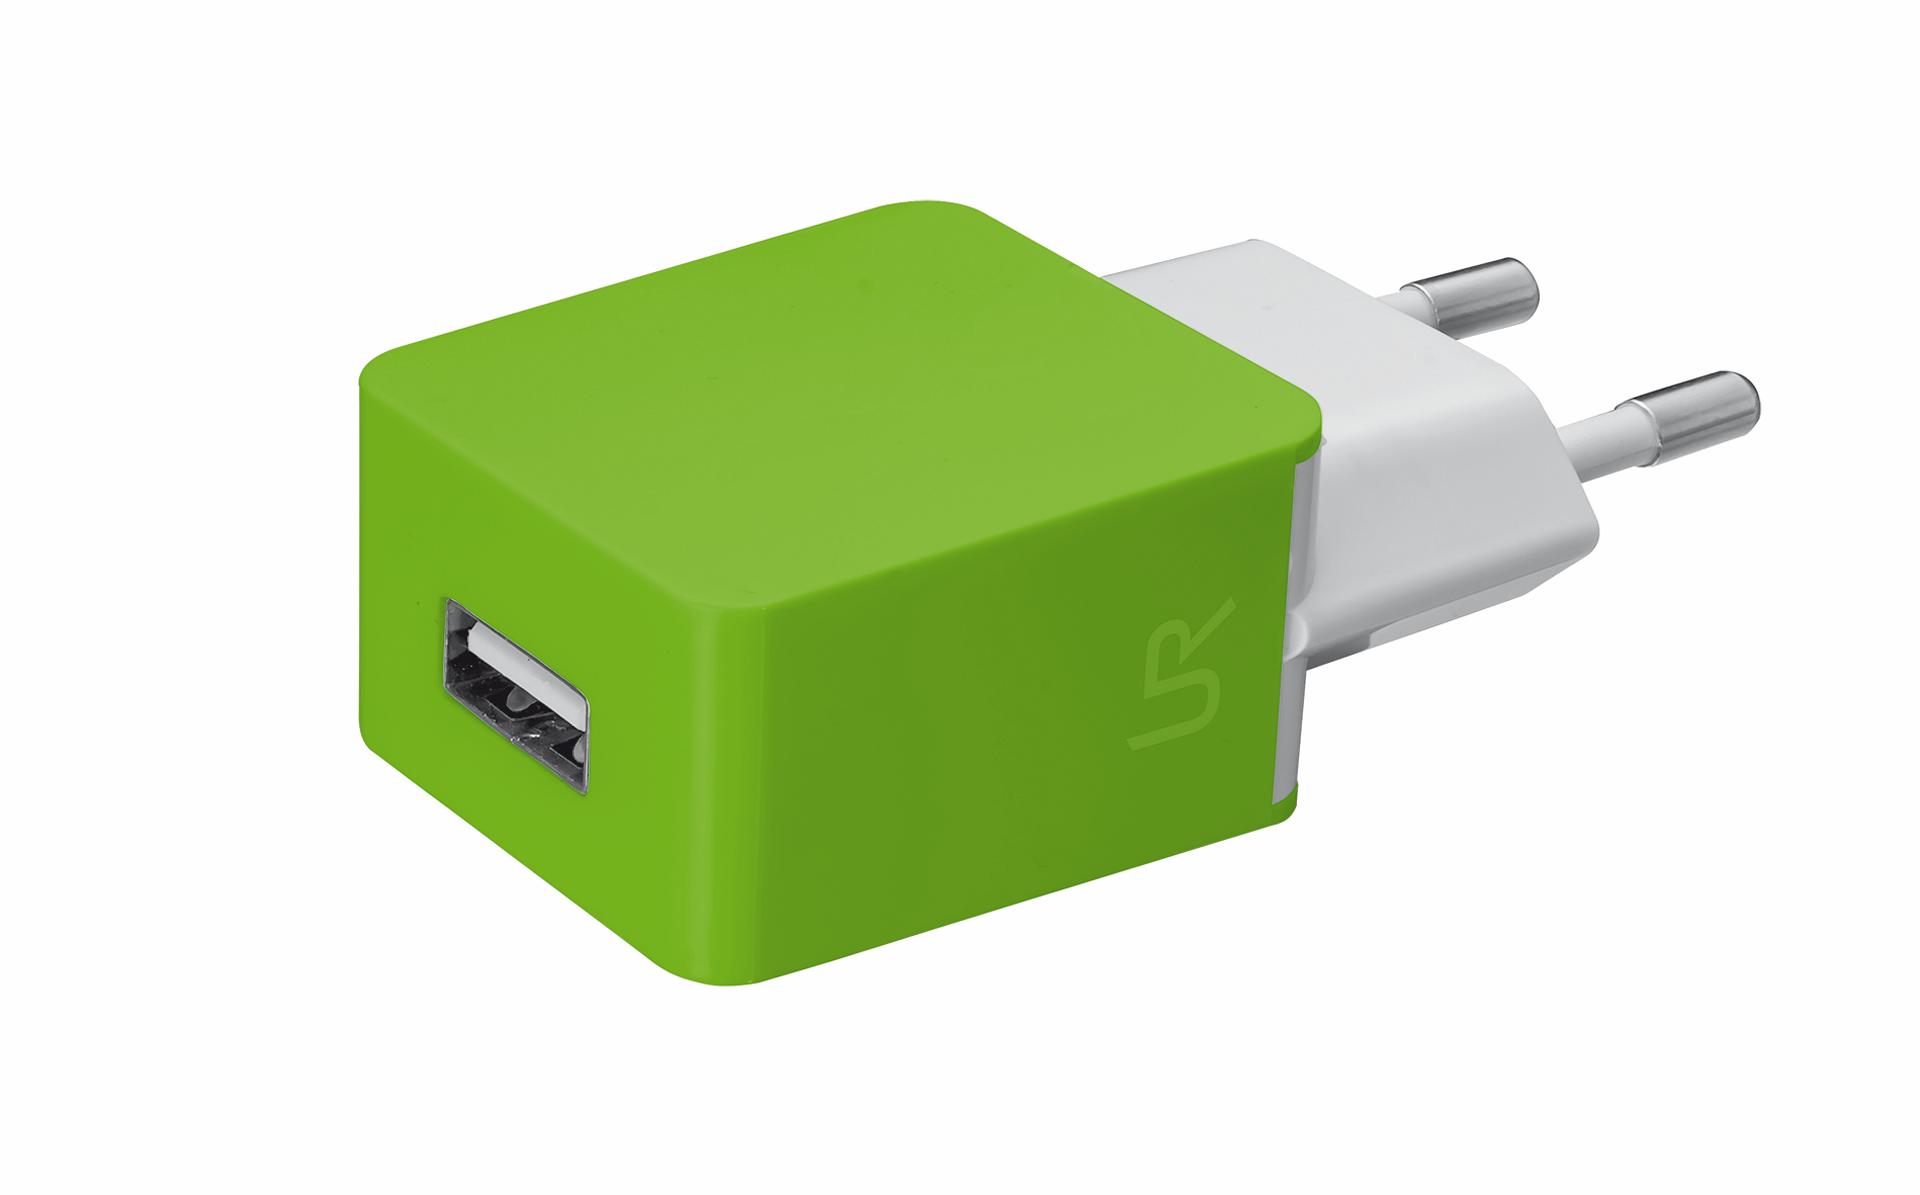 univerzální nabíječka TRUST s USB port, lime